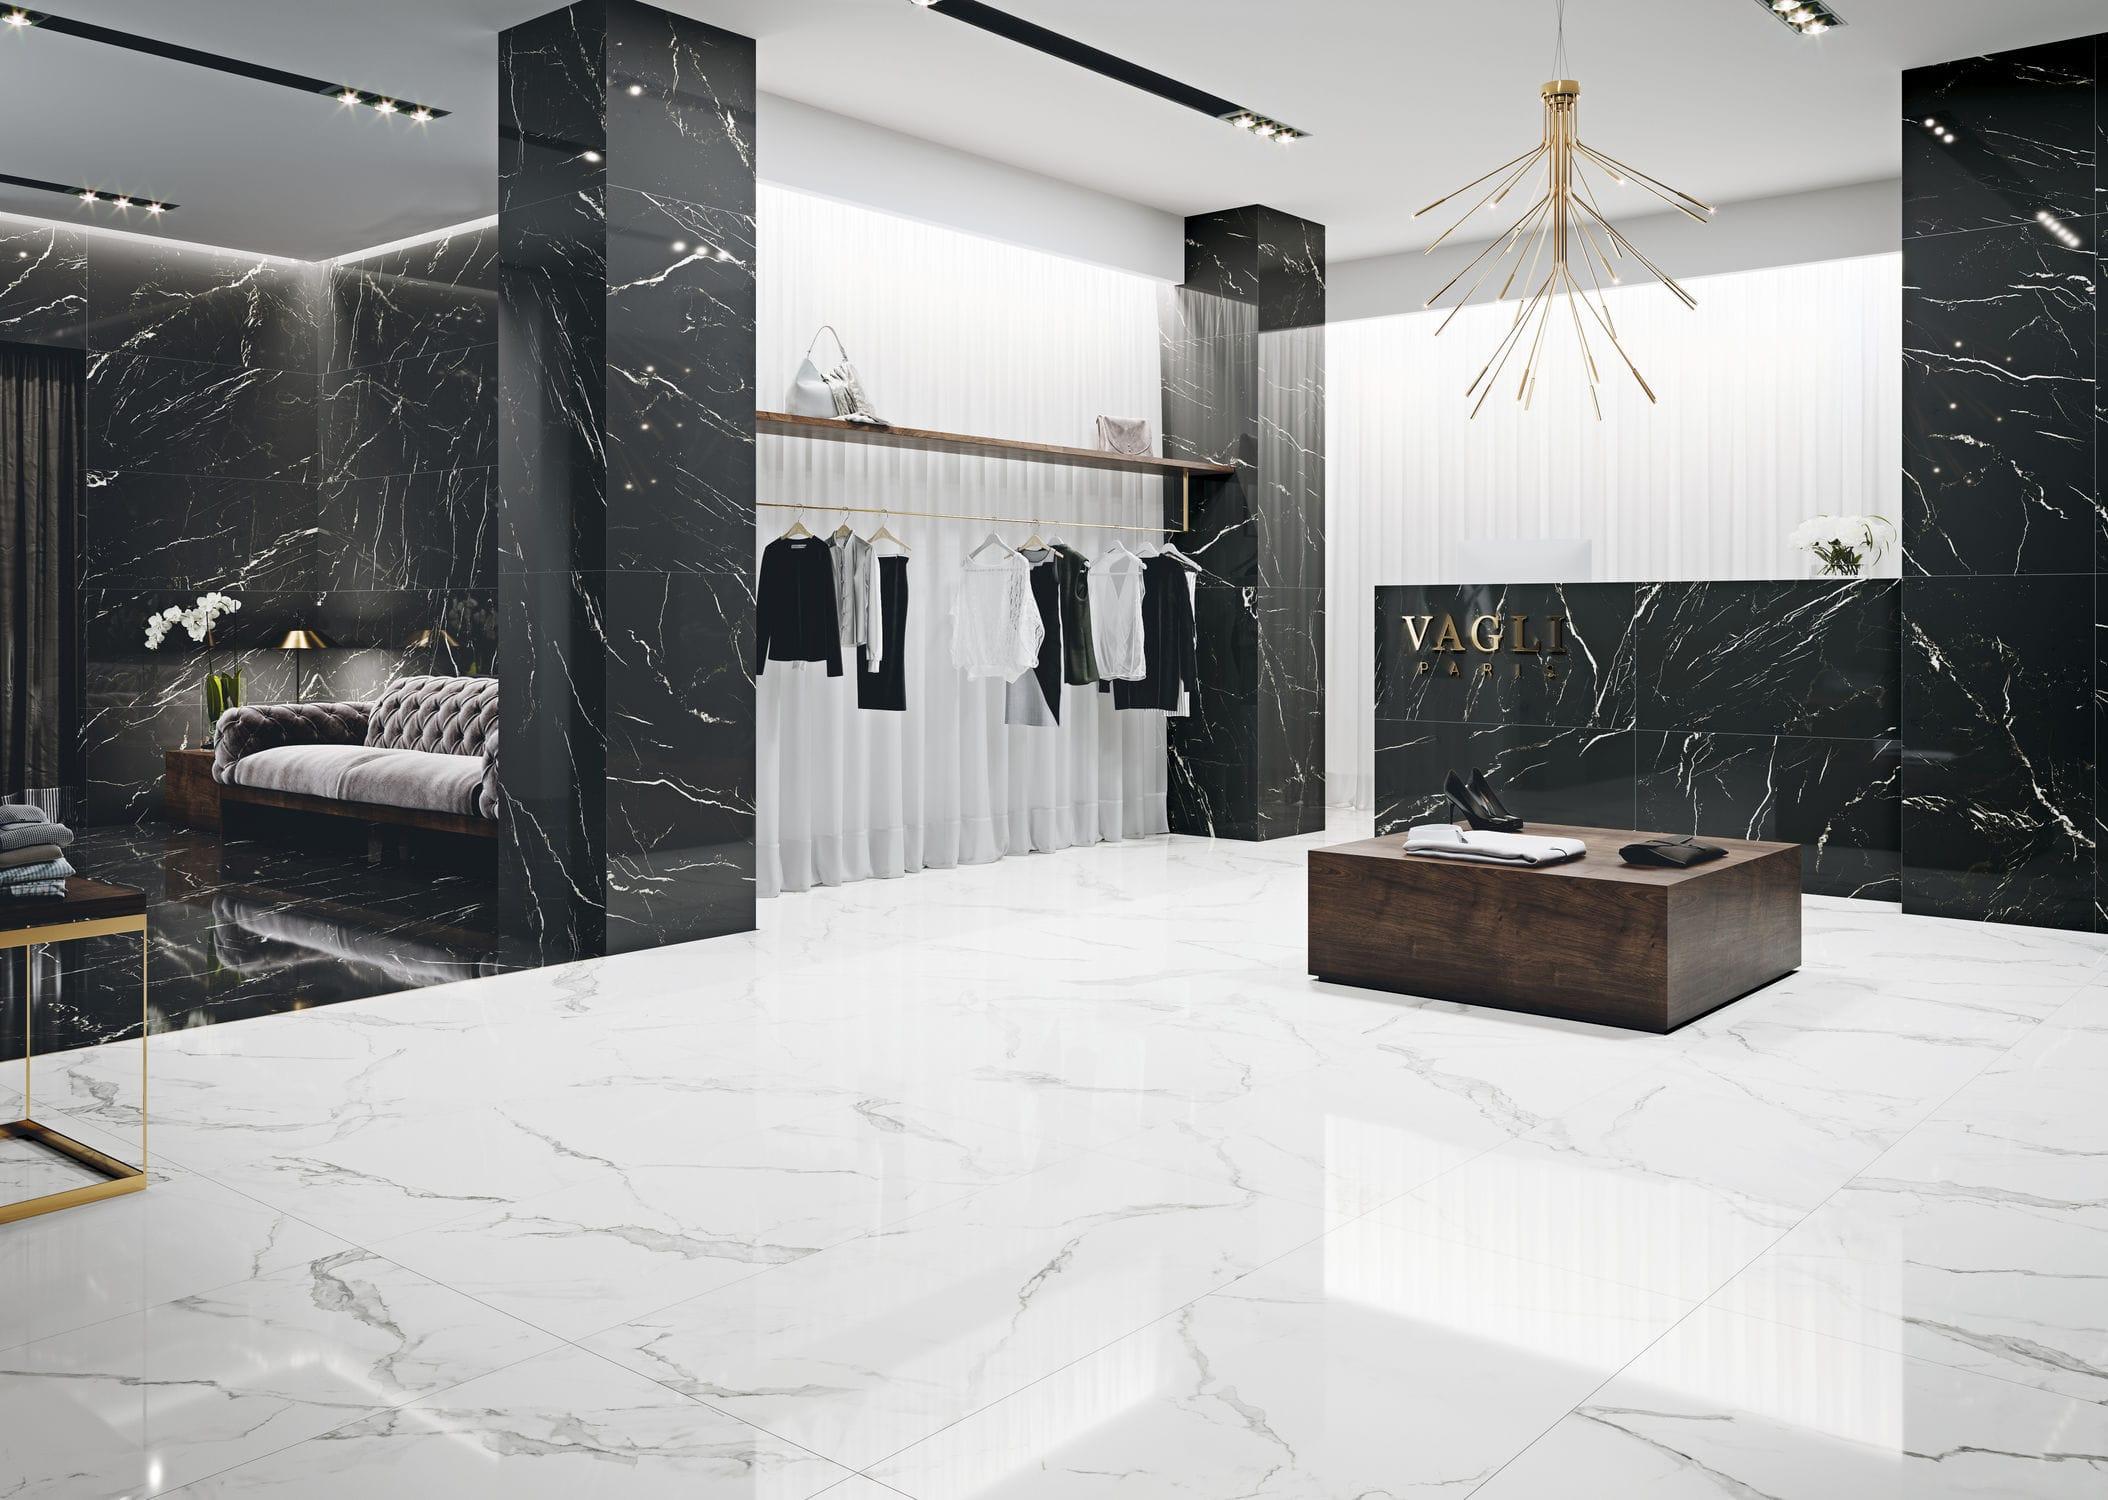 Piastrelle decorative per pavimenti interni: piastrelle adesive